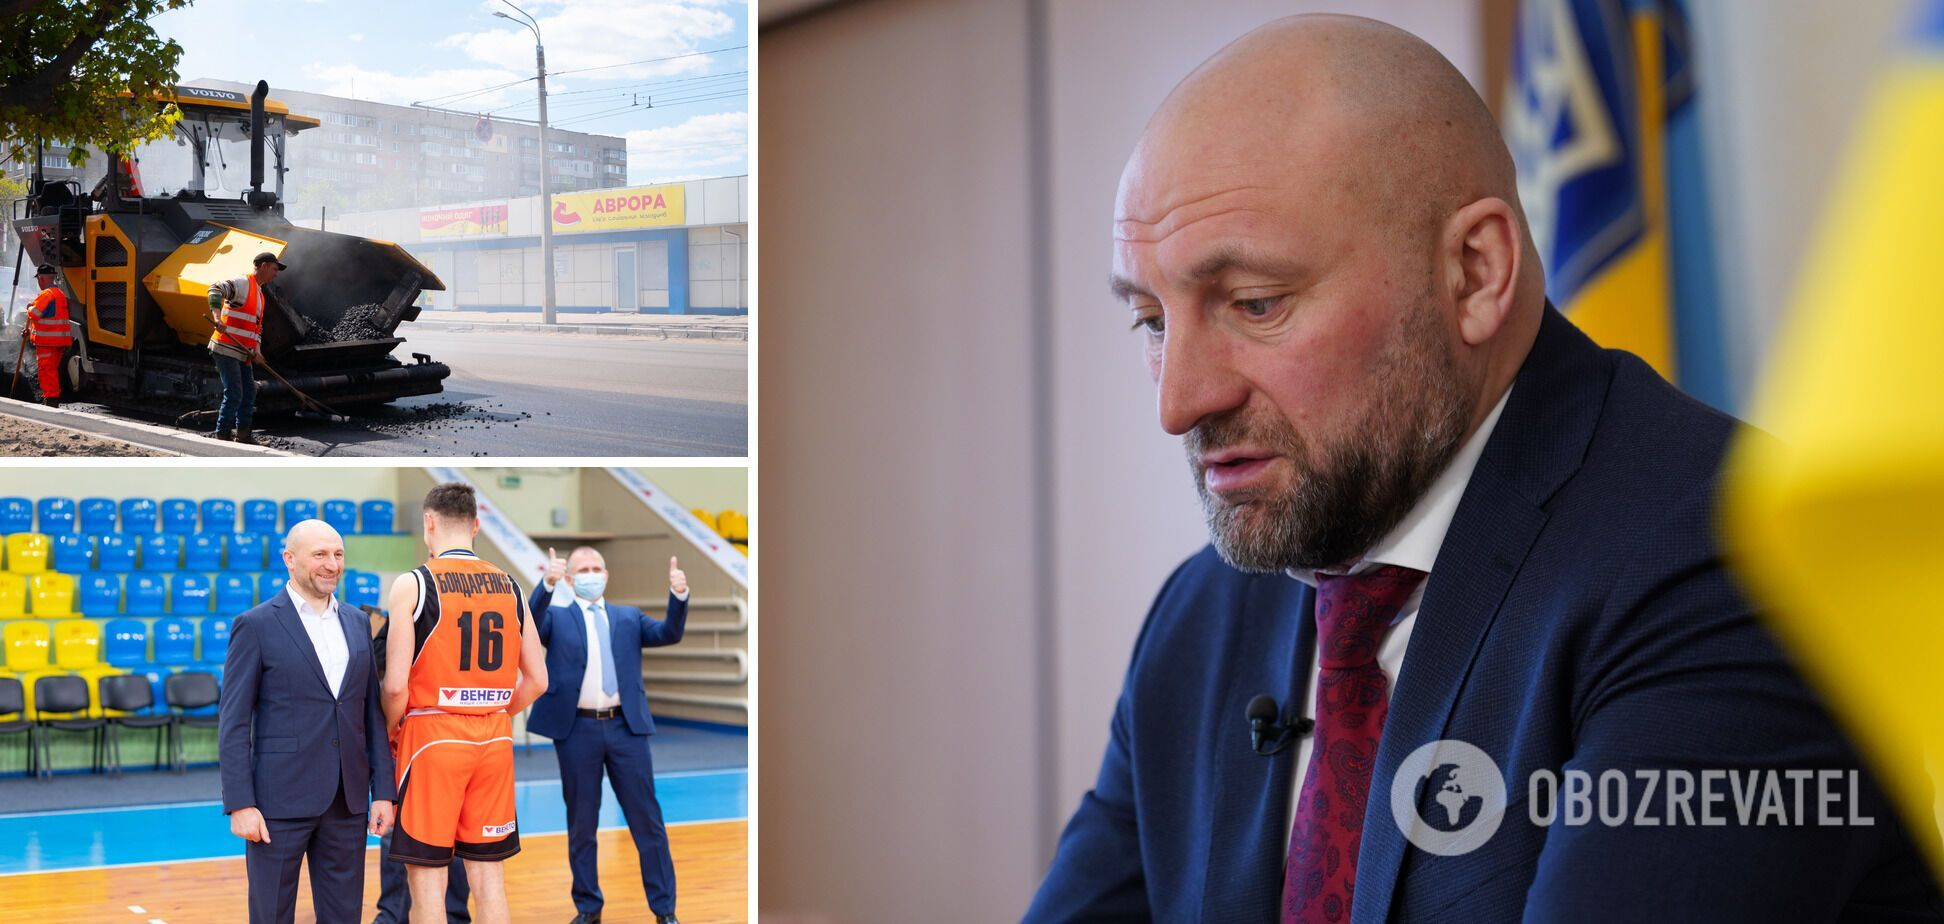 Мэр Черкасс Бондаренко: вакцинация в Украине полностью провалена, а города вынуждены выживать